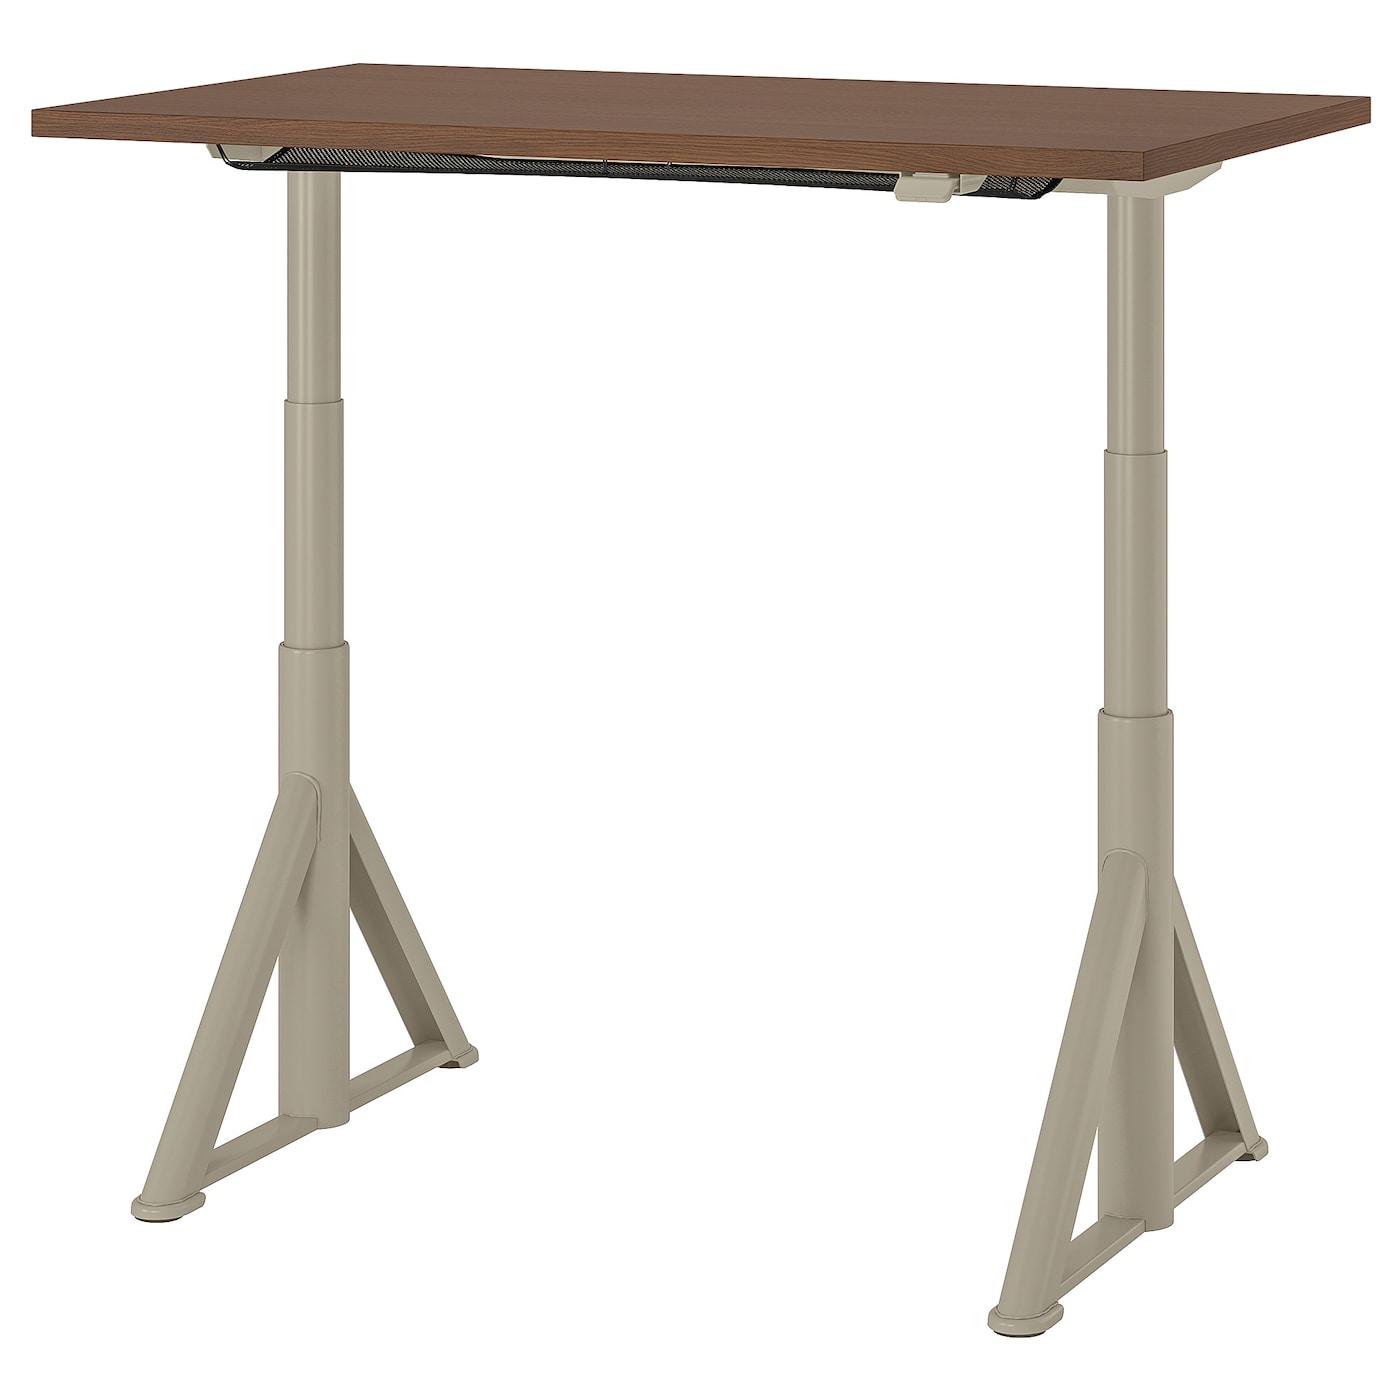 IKEA IDÅSEN Biurko z regulacją wysokości, brązowy, beżowy, 120x70 cm